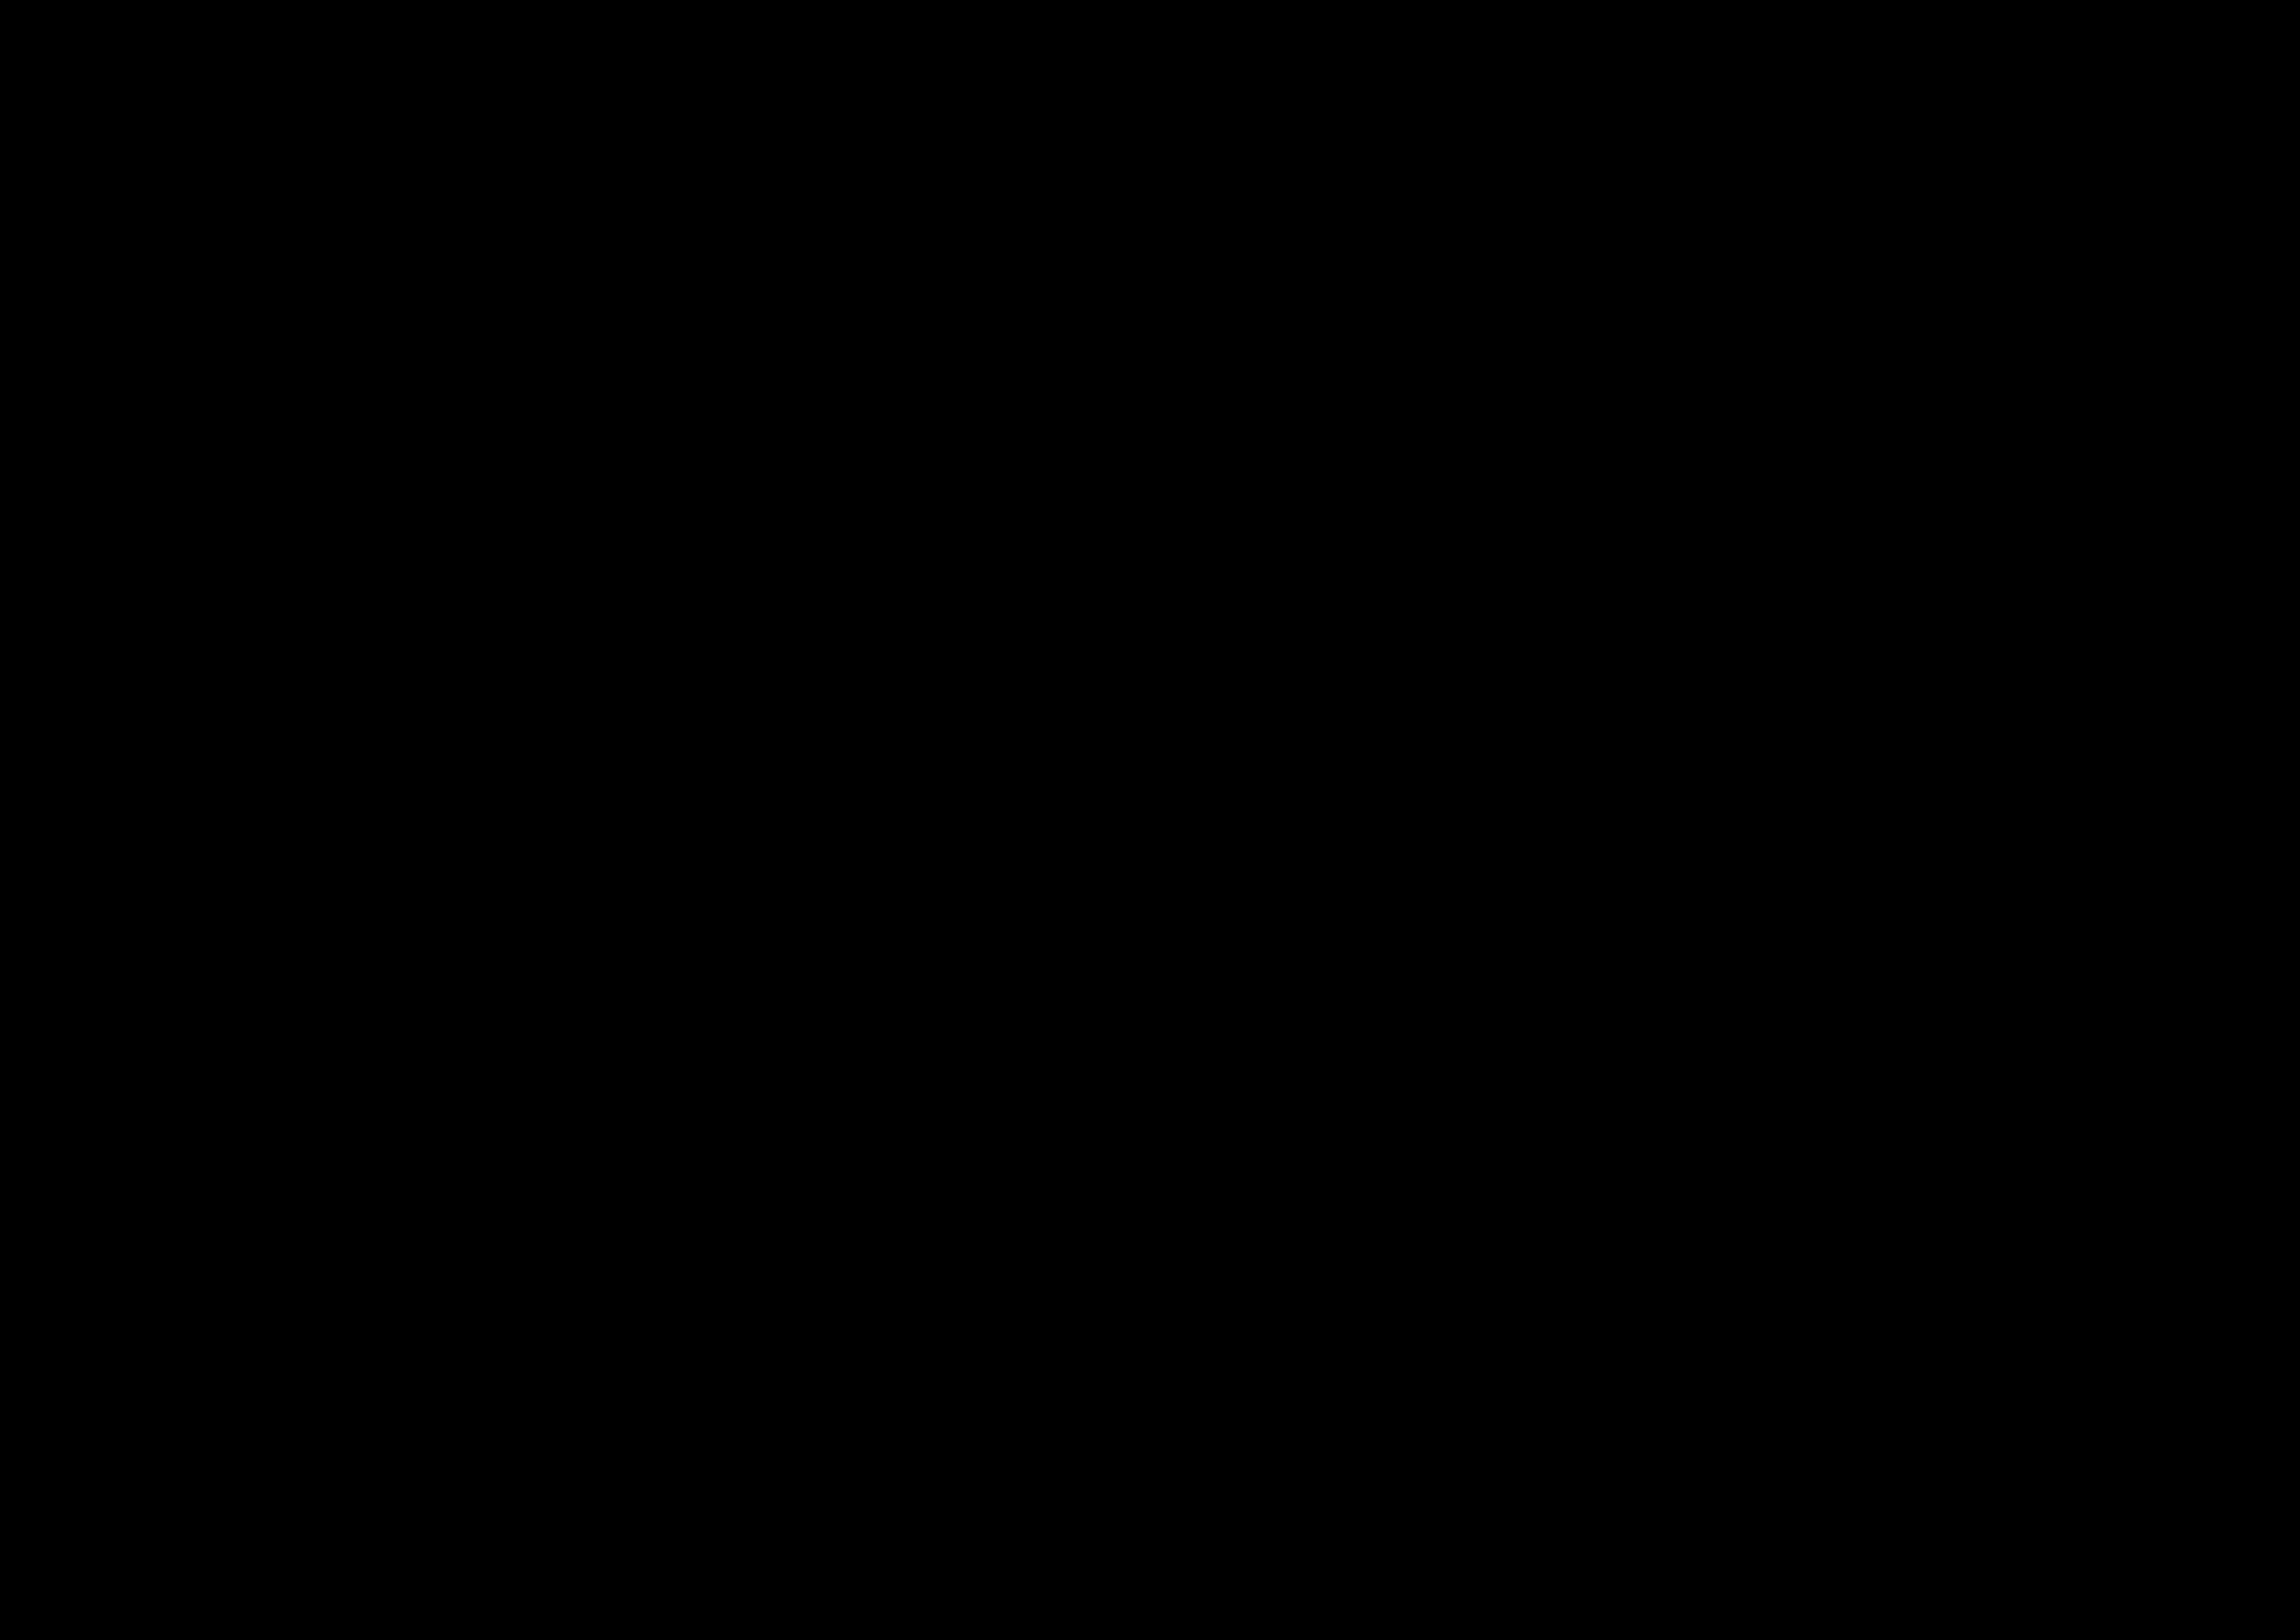 The Rowans at Monksmoor Park plan